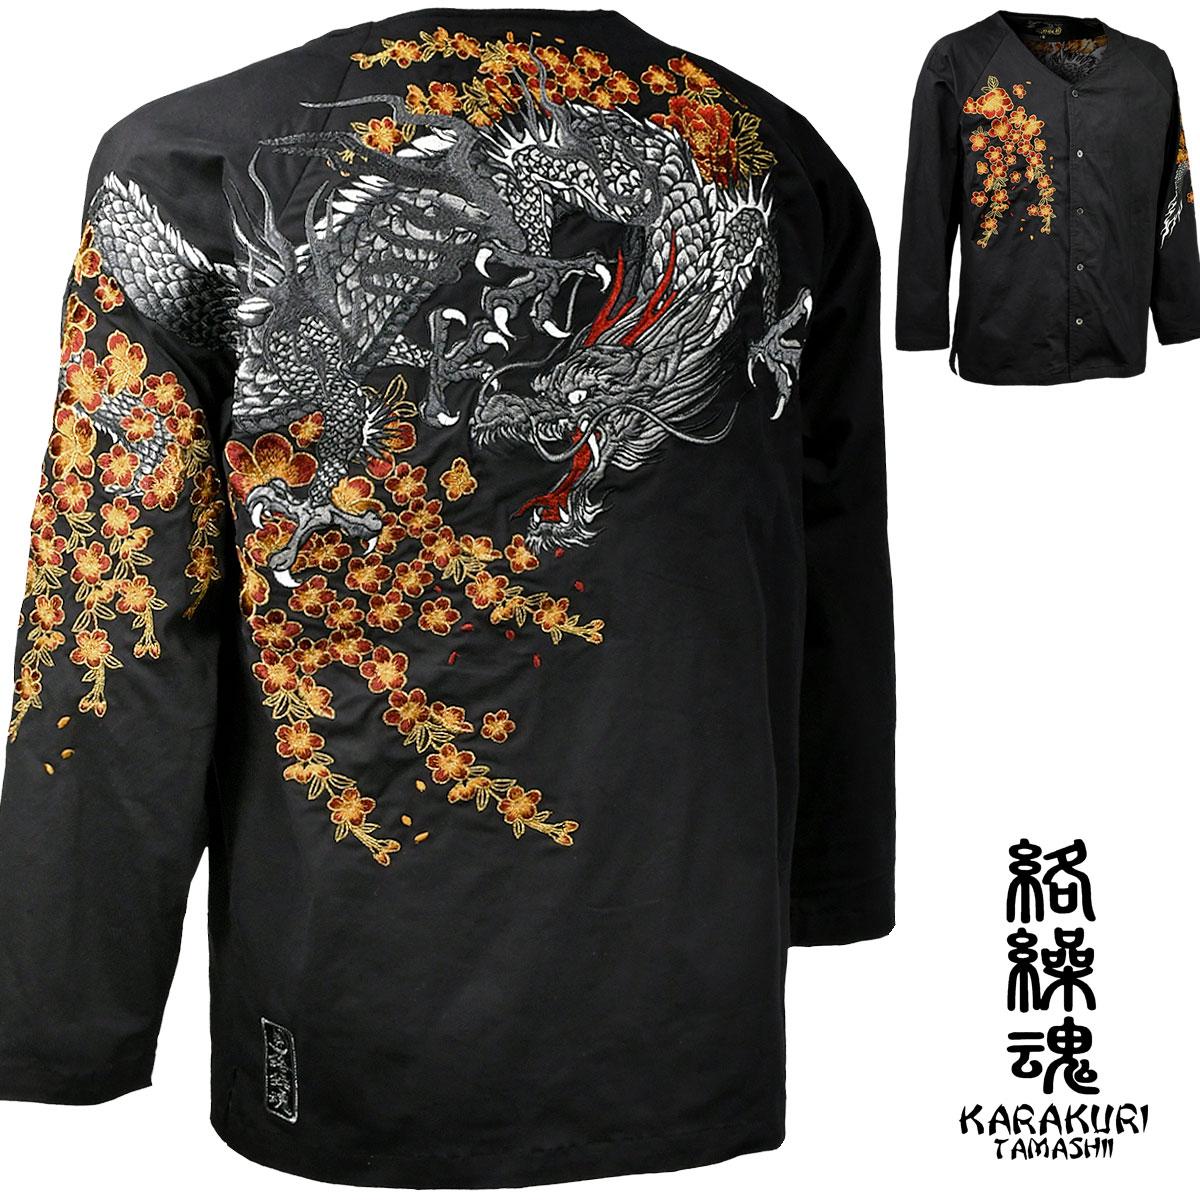 からくり魂 絡繰魂 粋 ダボシャツ 和柄 龍 メンズ 桜 刺繍 8分袖 だぼシャツ mens(ブラック黒シルバー銀龍) 293069